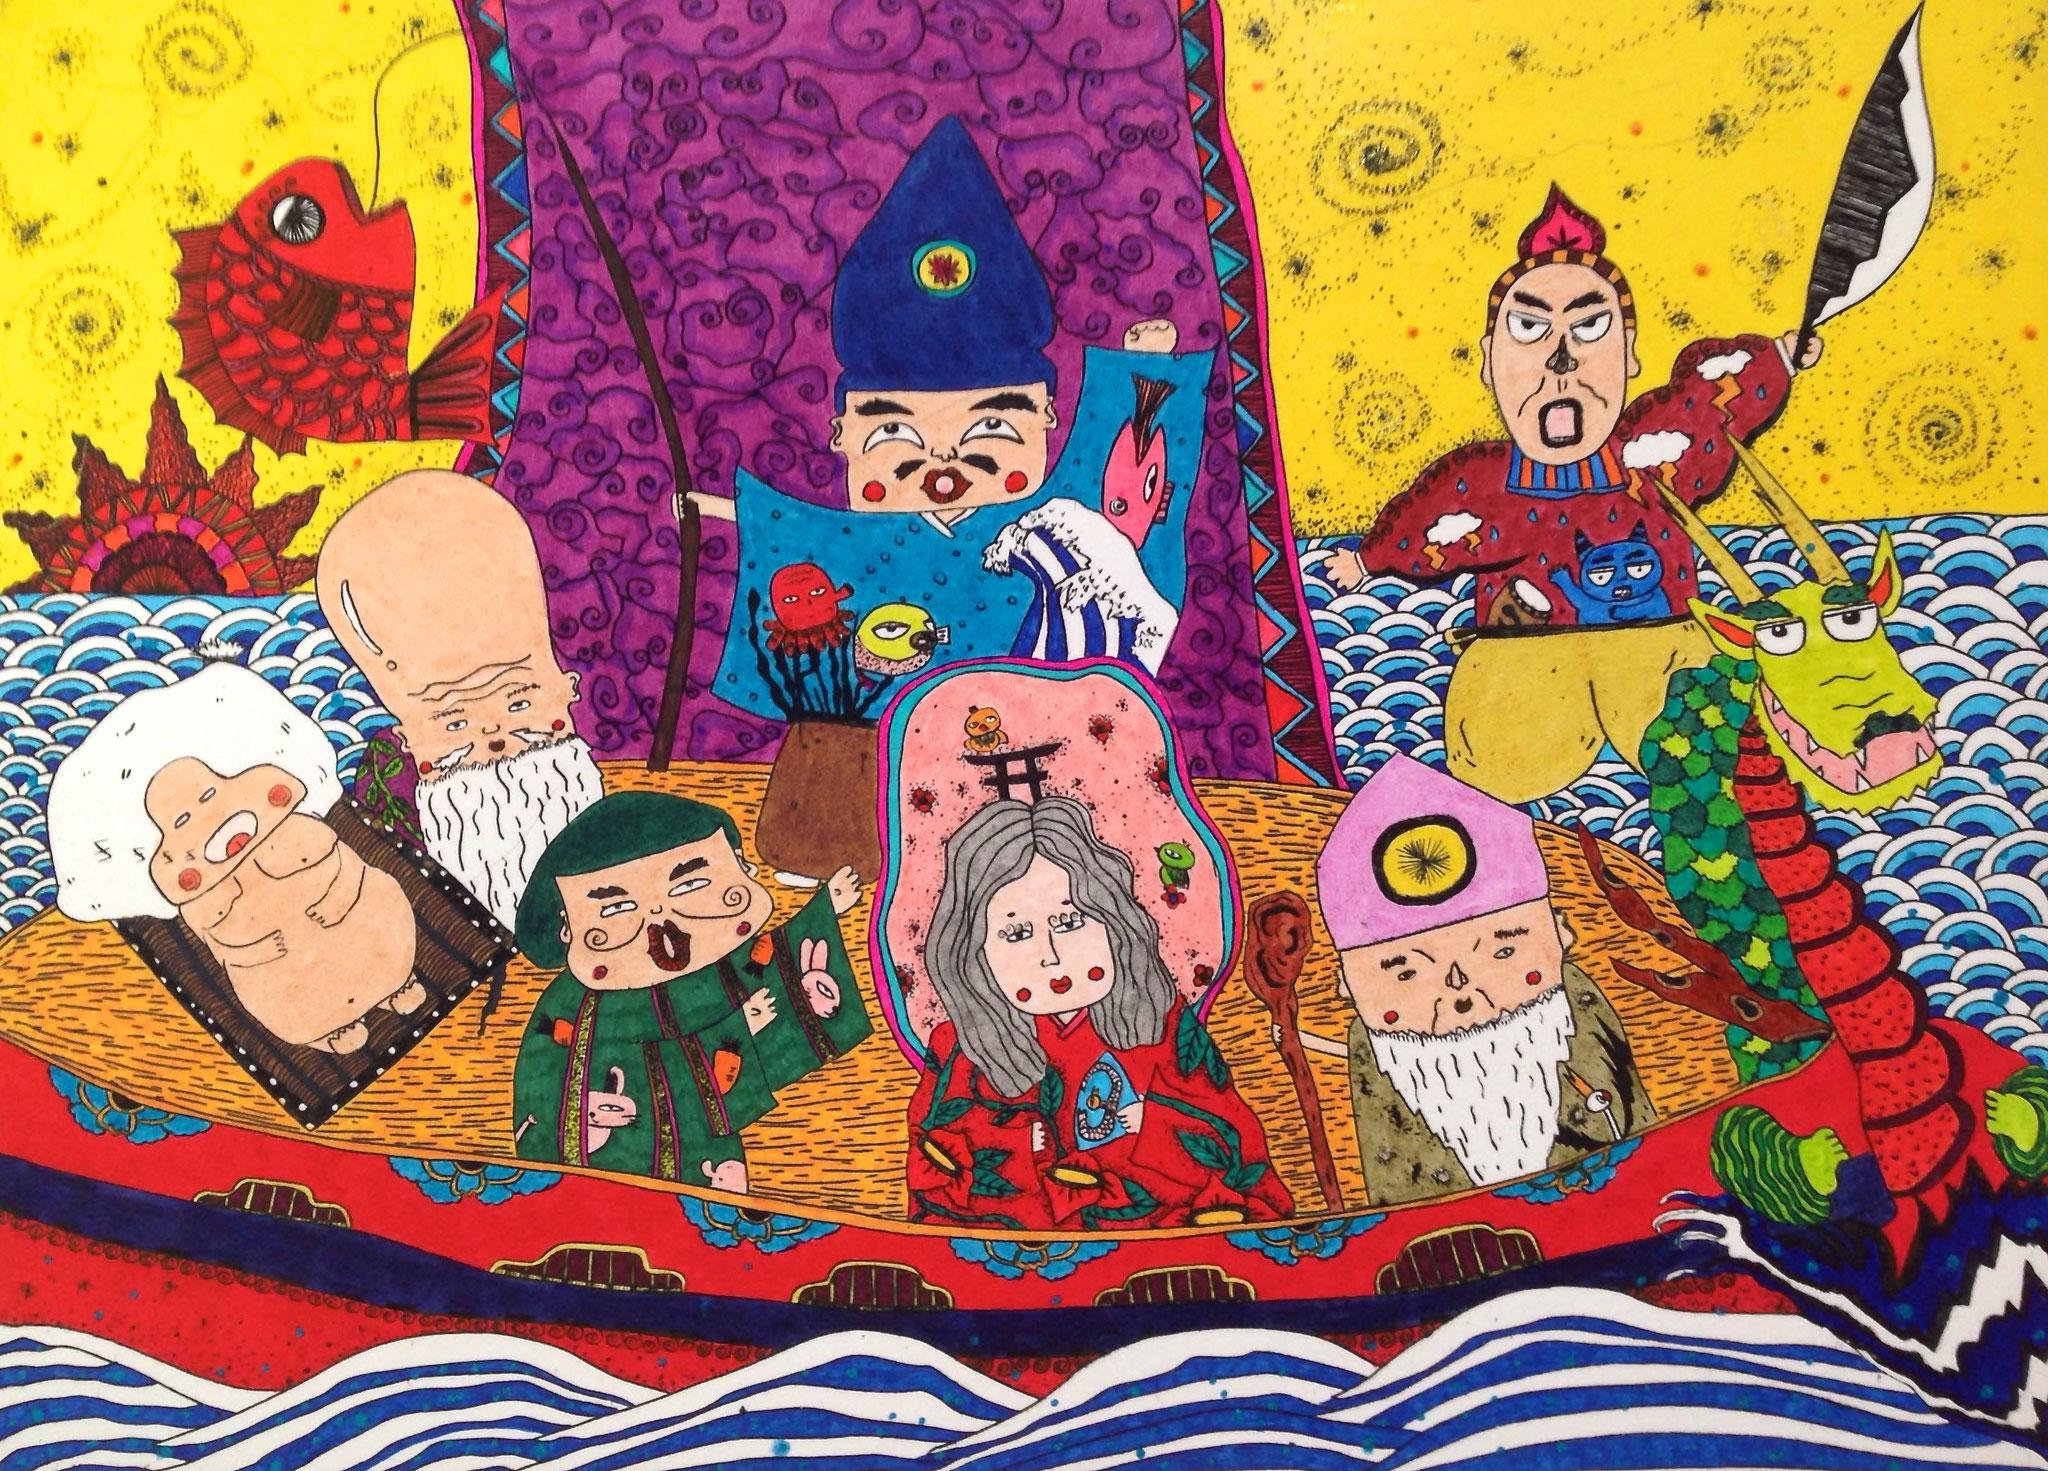 こばやしまな 七福神御一行様 / Mana Kobayashi  The Seven Deities of Good Fortune